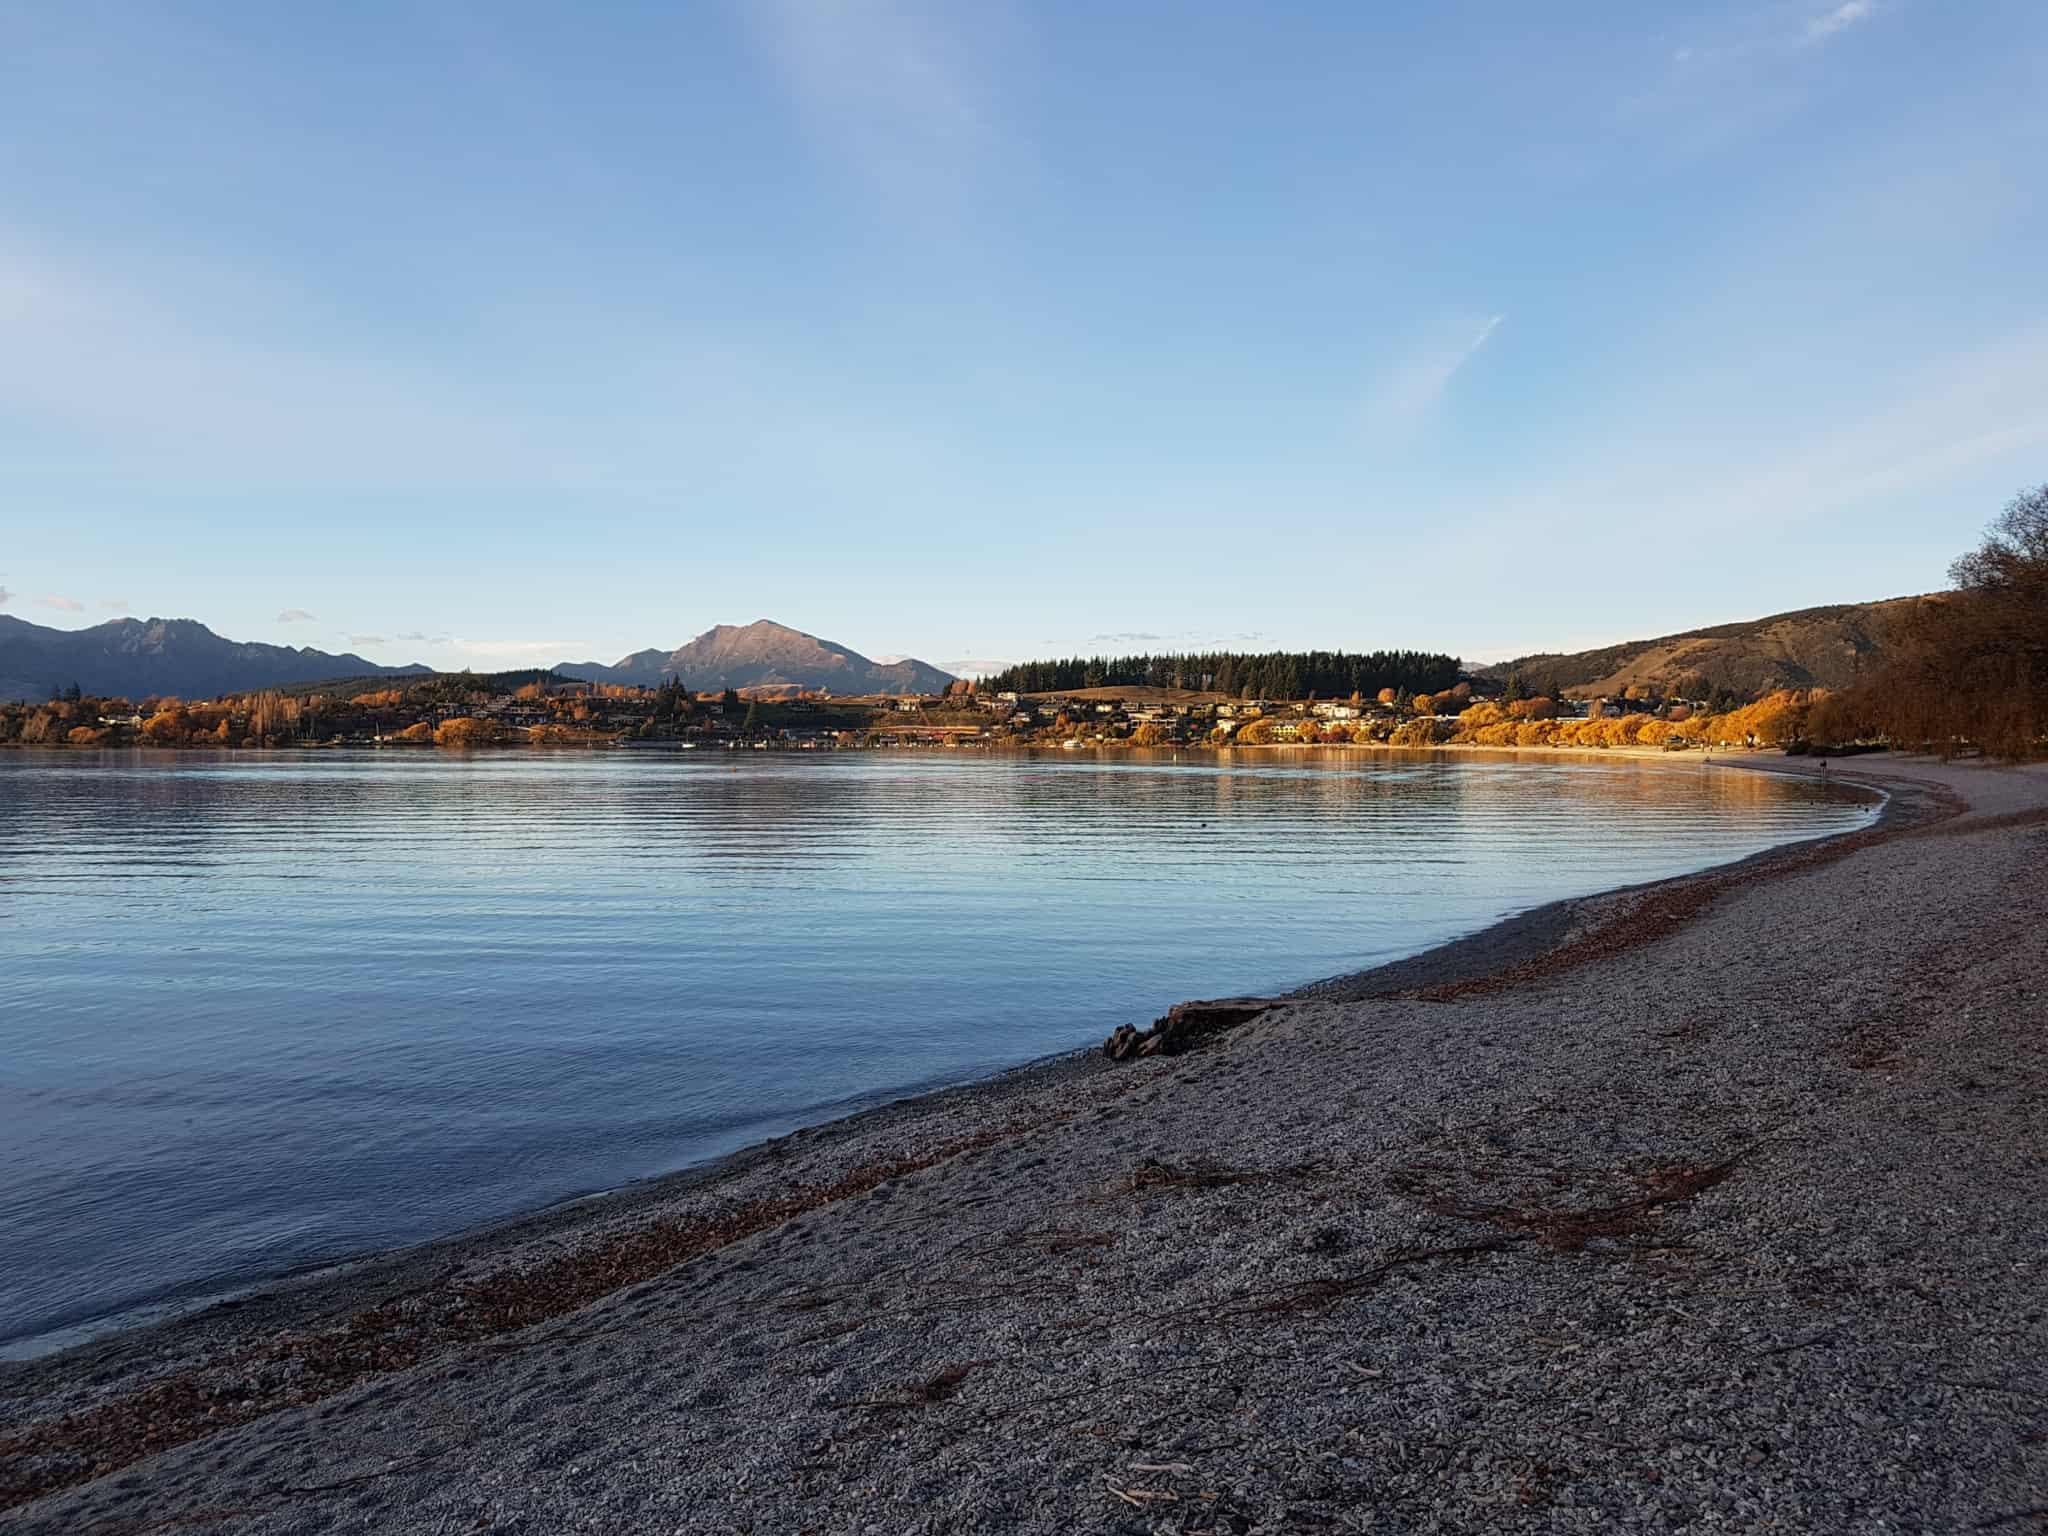 Nouvelle-Zélande, derniers  instants de notre trip en NZ 🖐 6